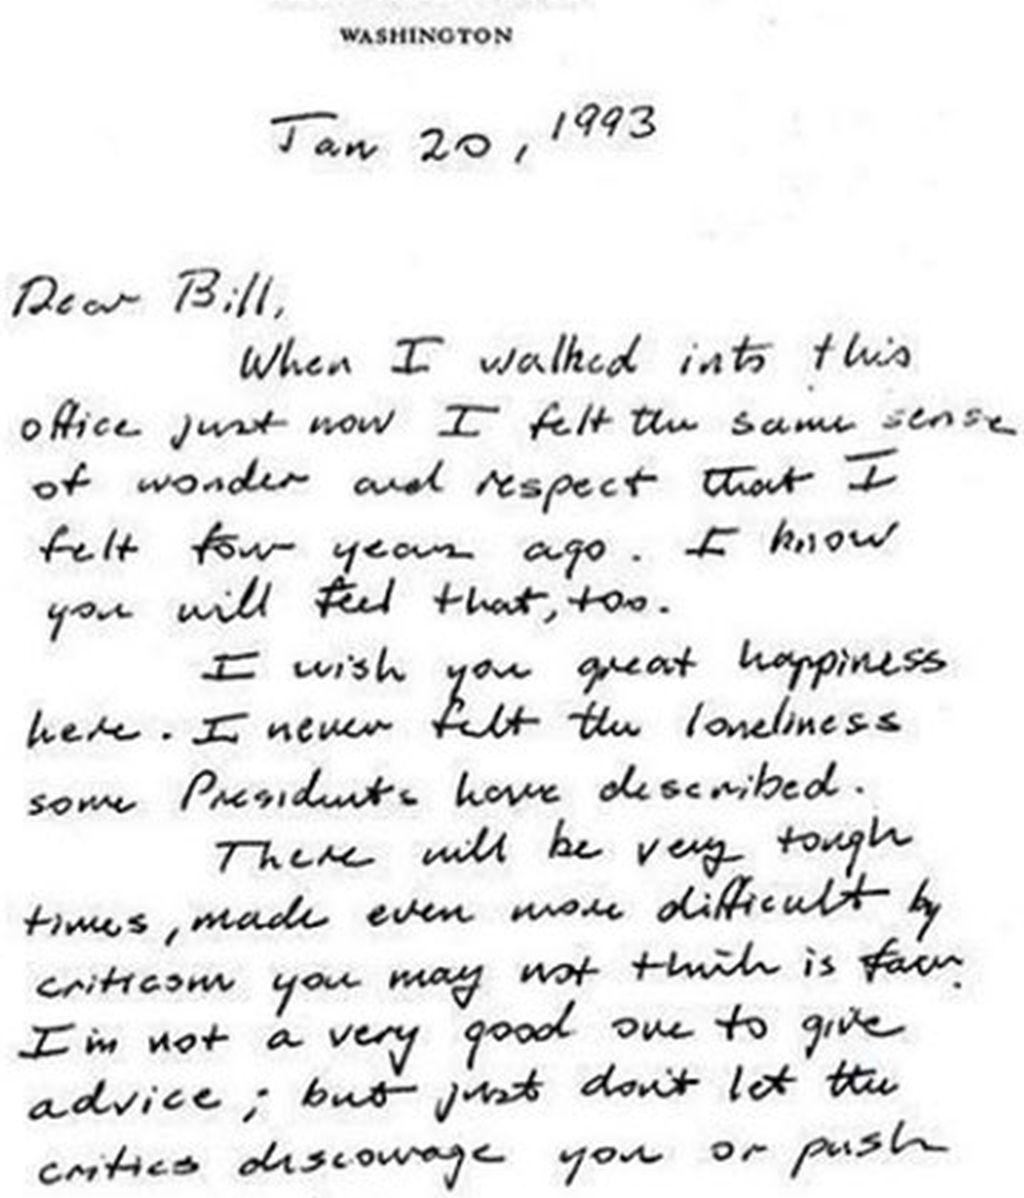 La antigua carta de bienvenida de Bush padre a Bill Clinton que triunfa en las redes